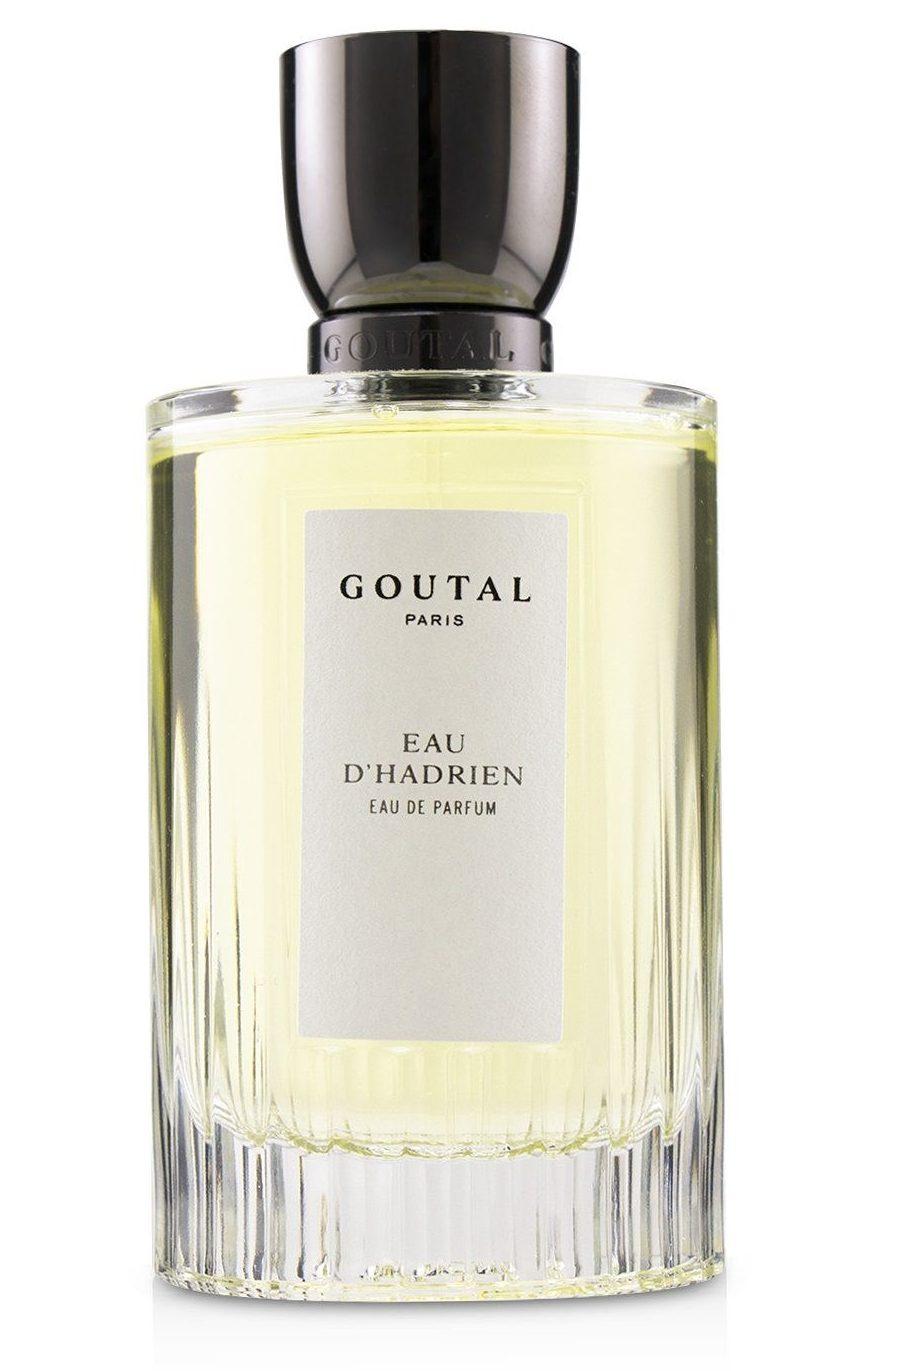 Goutal - Eau d'Hadrien